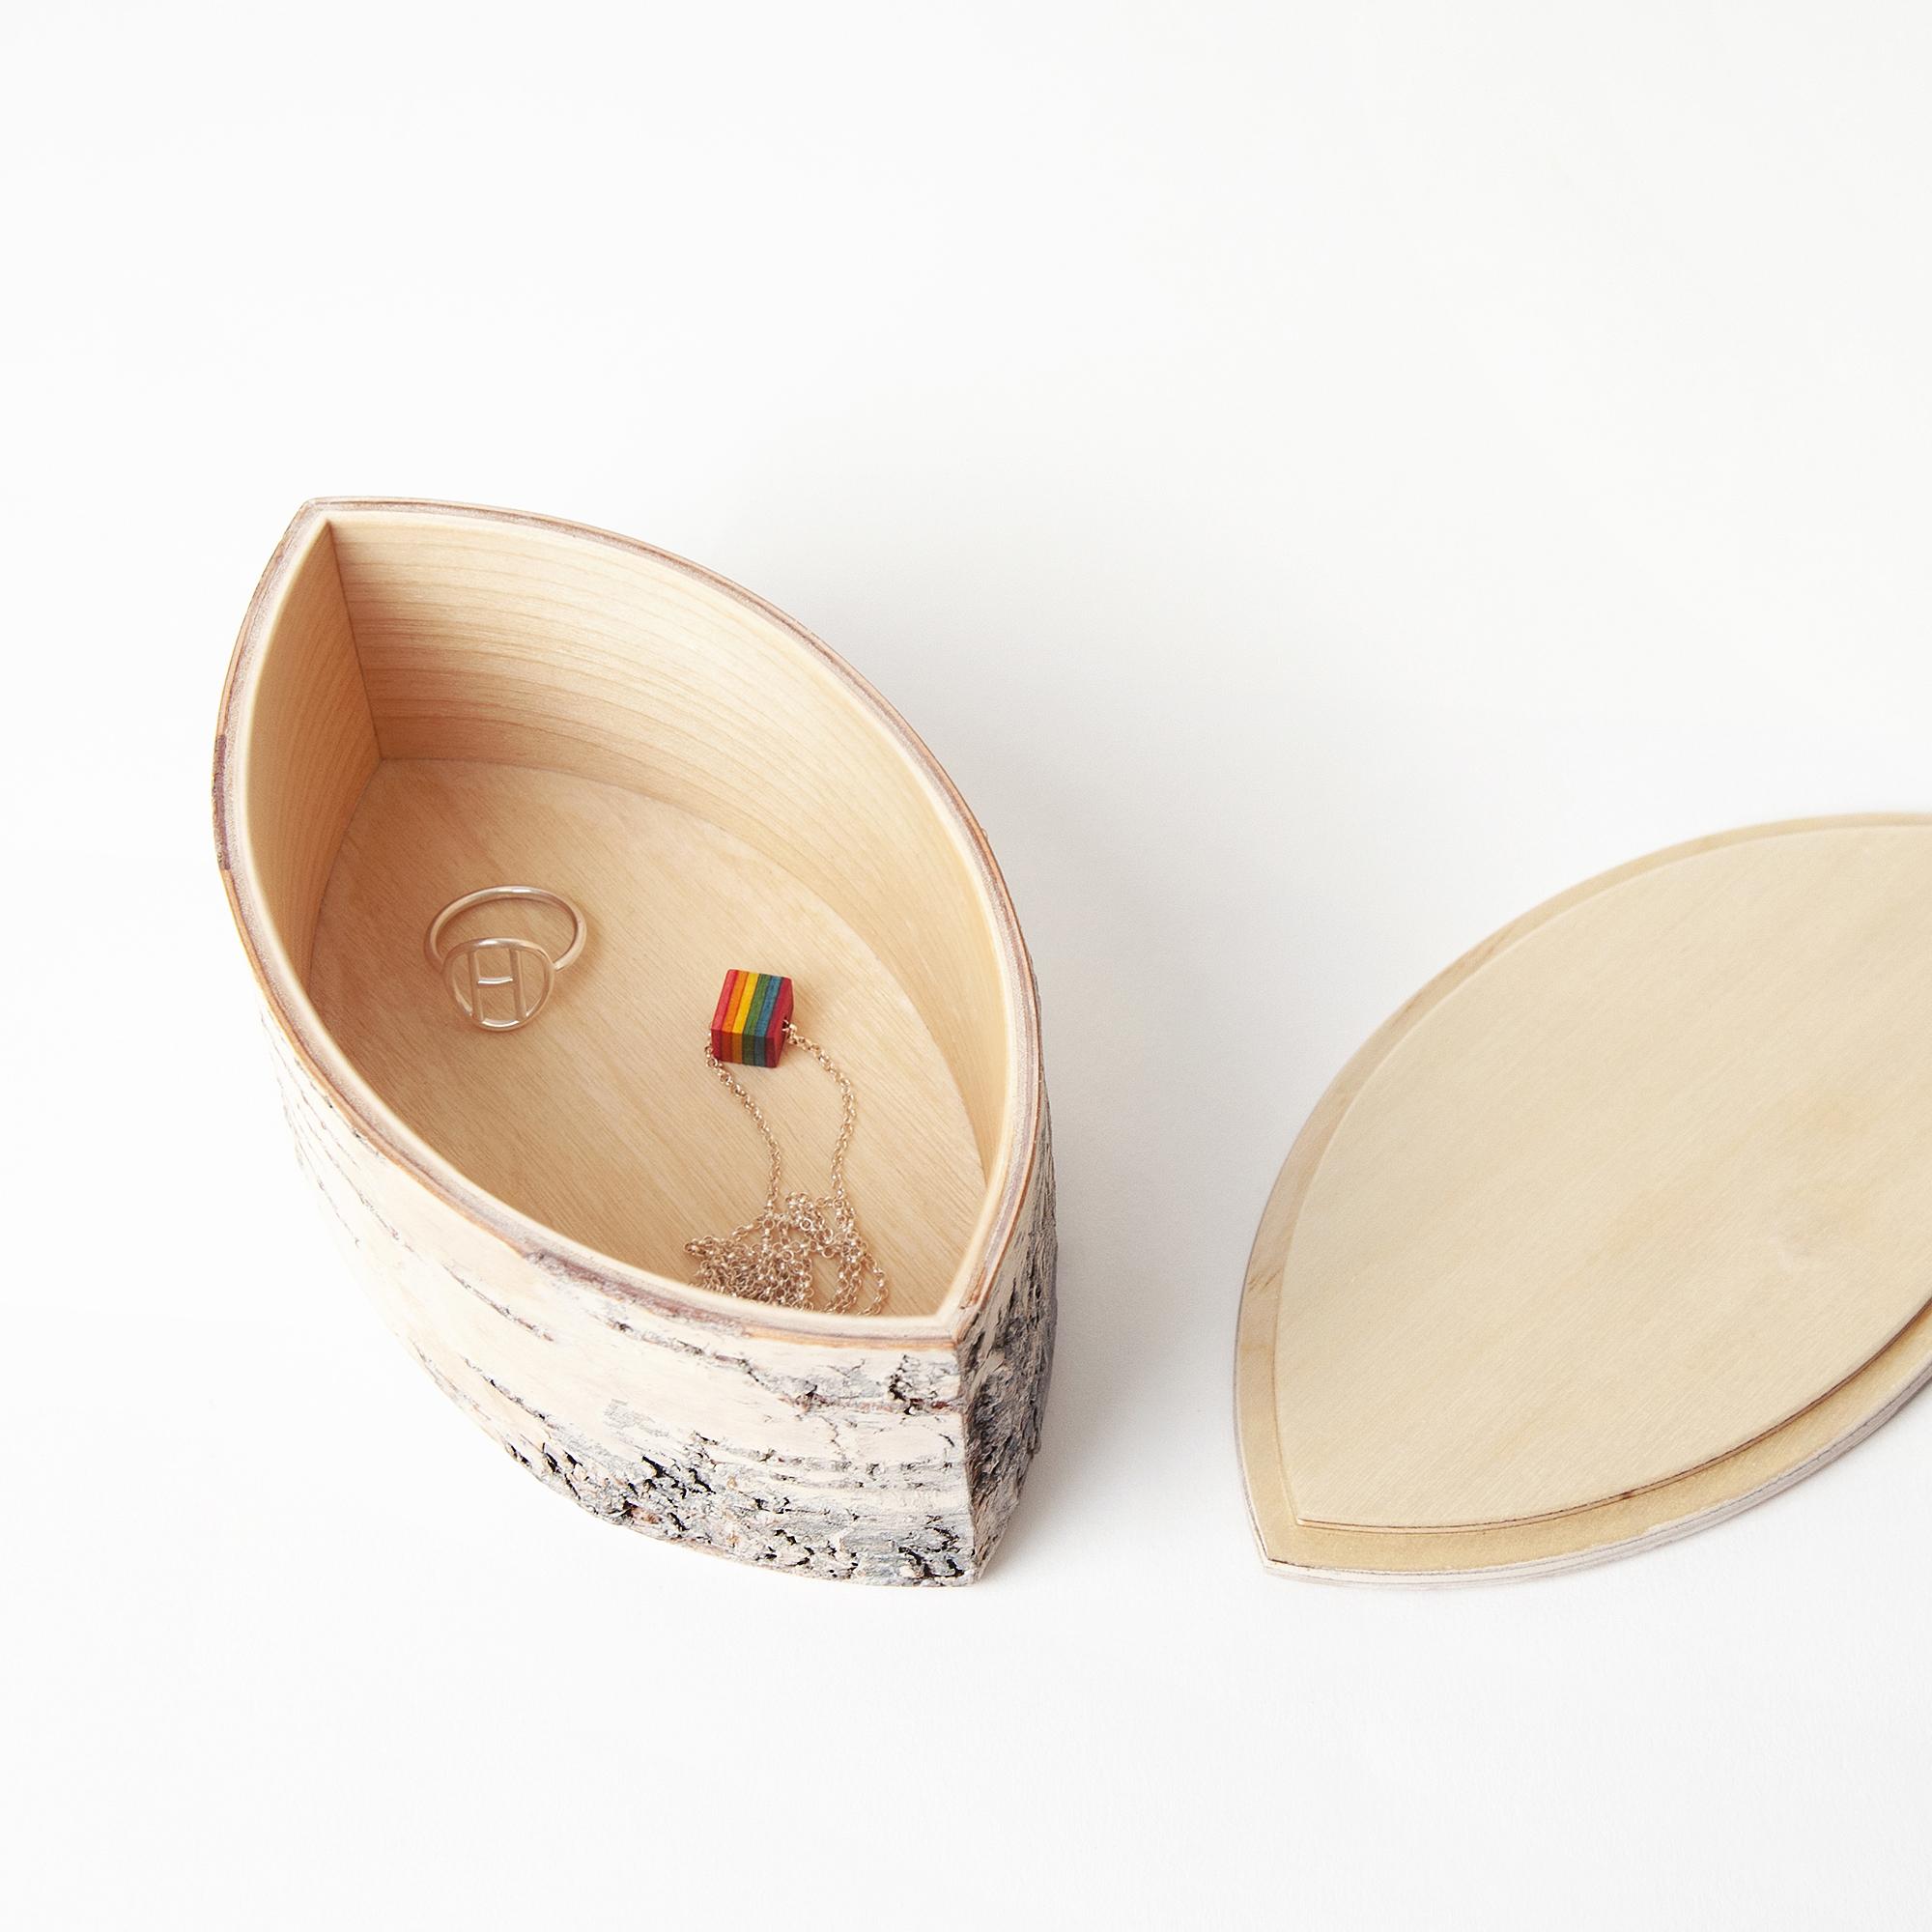 Lehti-rasia Koivisto studio